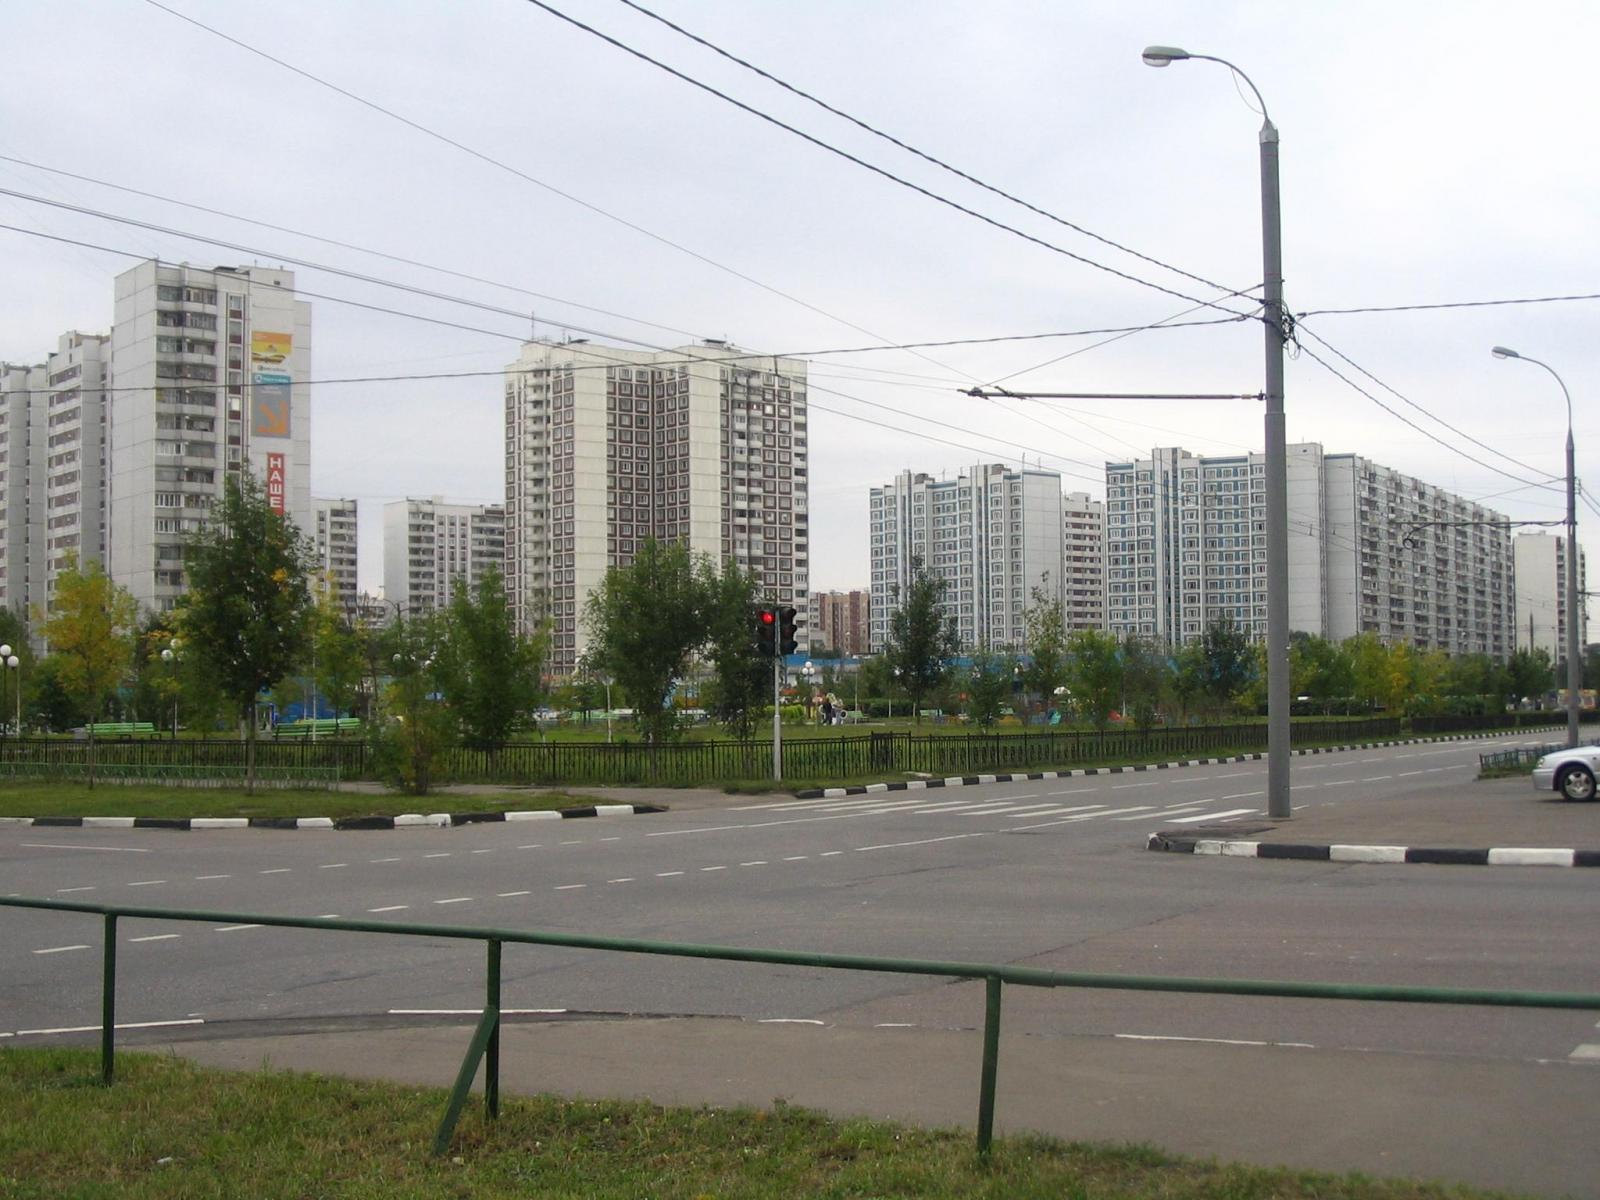 Сквер городецкой улицы в Новокосино.JPG